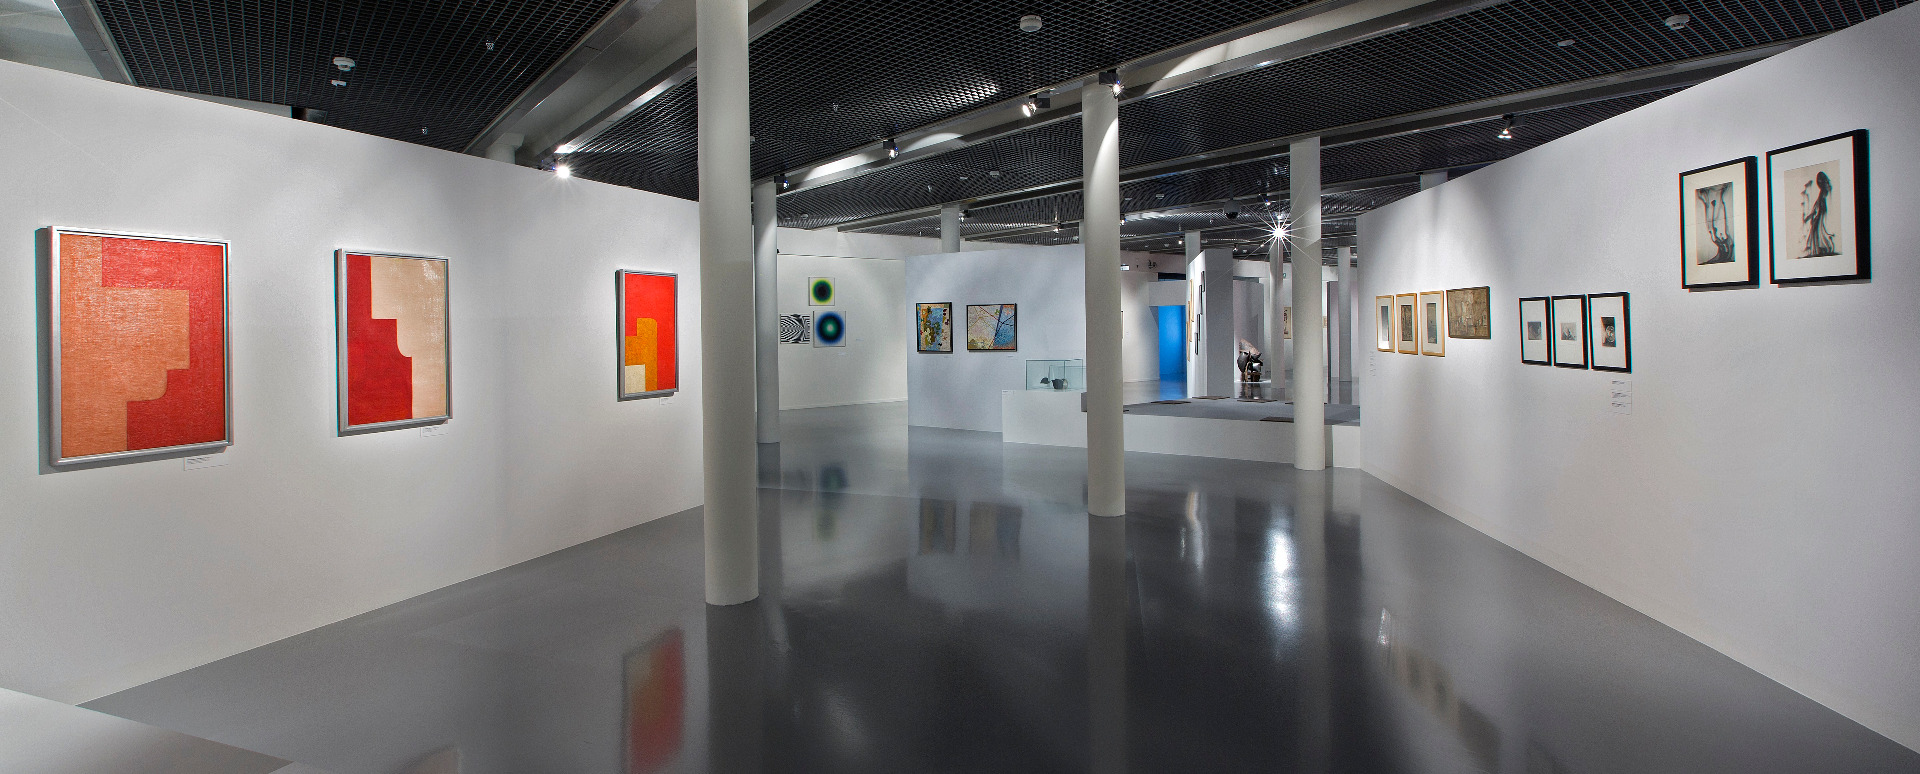 Widok ekspozycji kolekcji sztuki awangardowej w Muzeum Sztuki w Łodzi, źródło: Muzeum Sztuki w Łodzi